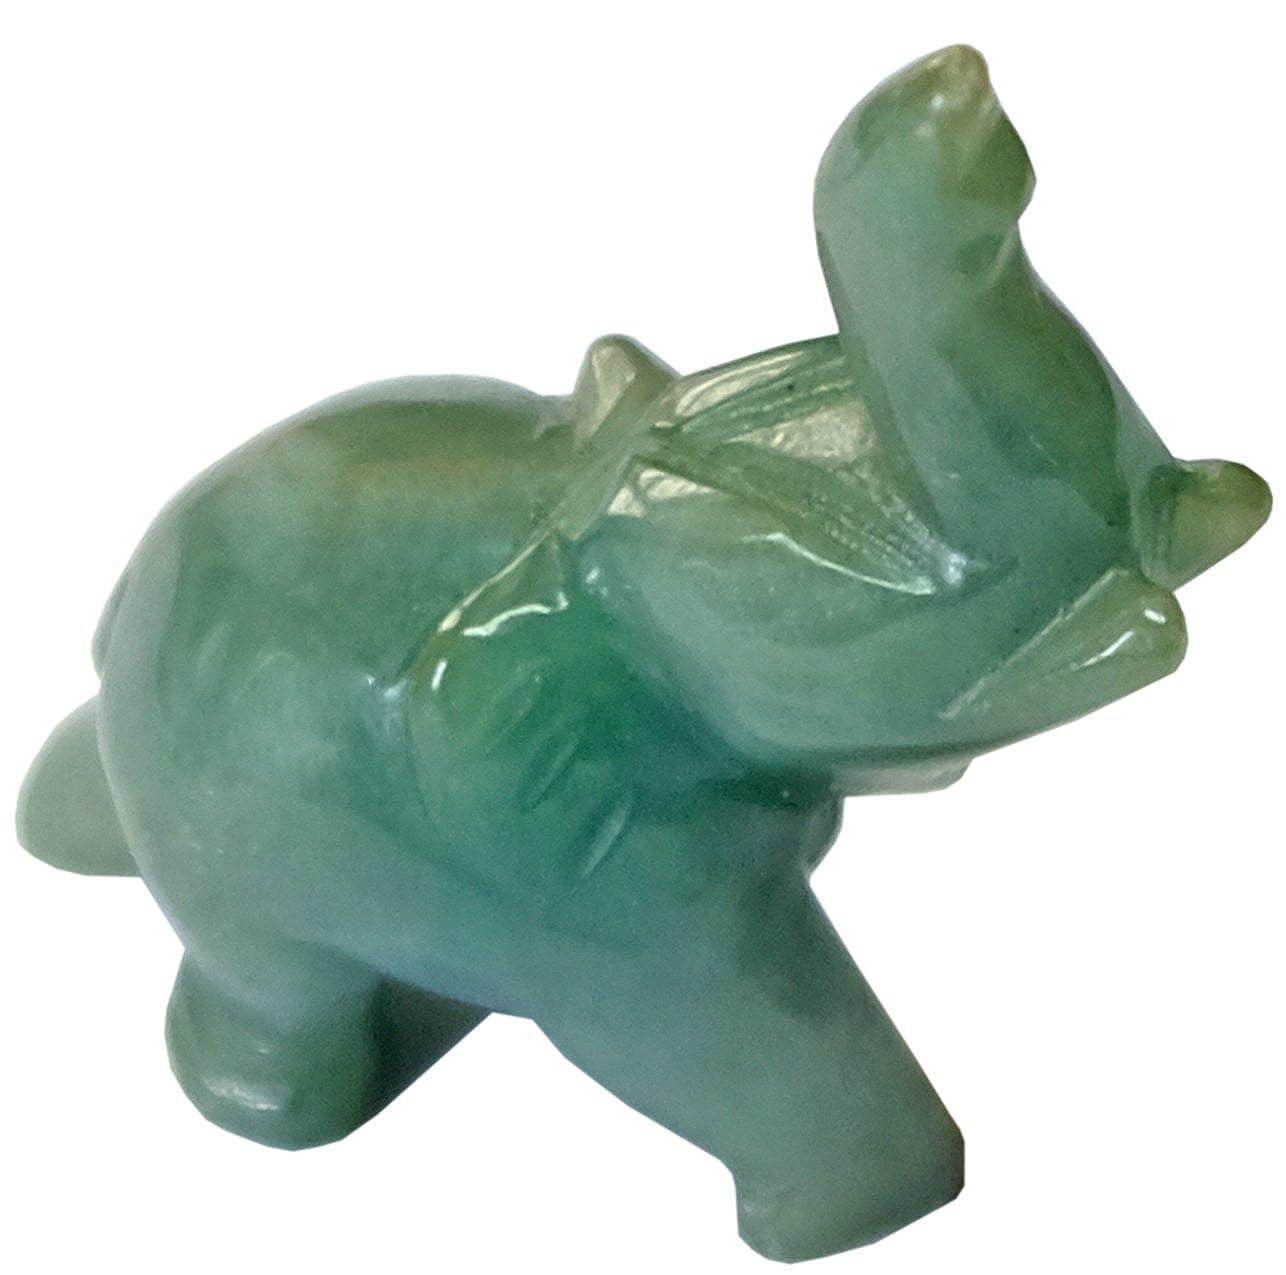 Kaltner Präsente Geschenkidee - Deko Figur Elefant mit Rüssel Nach ...